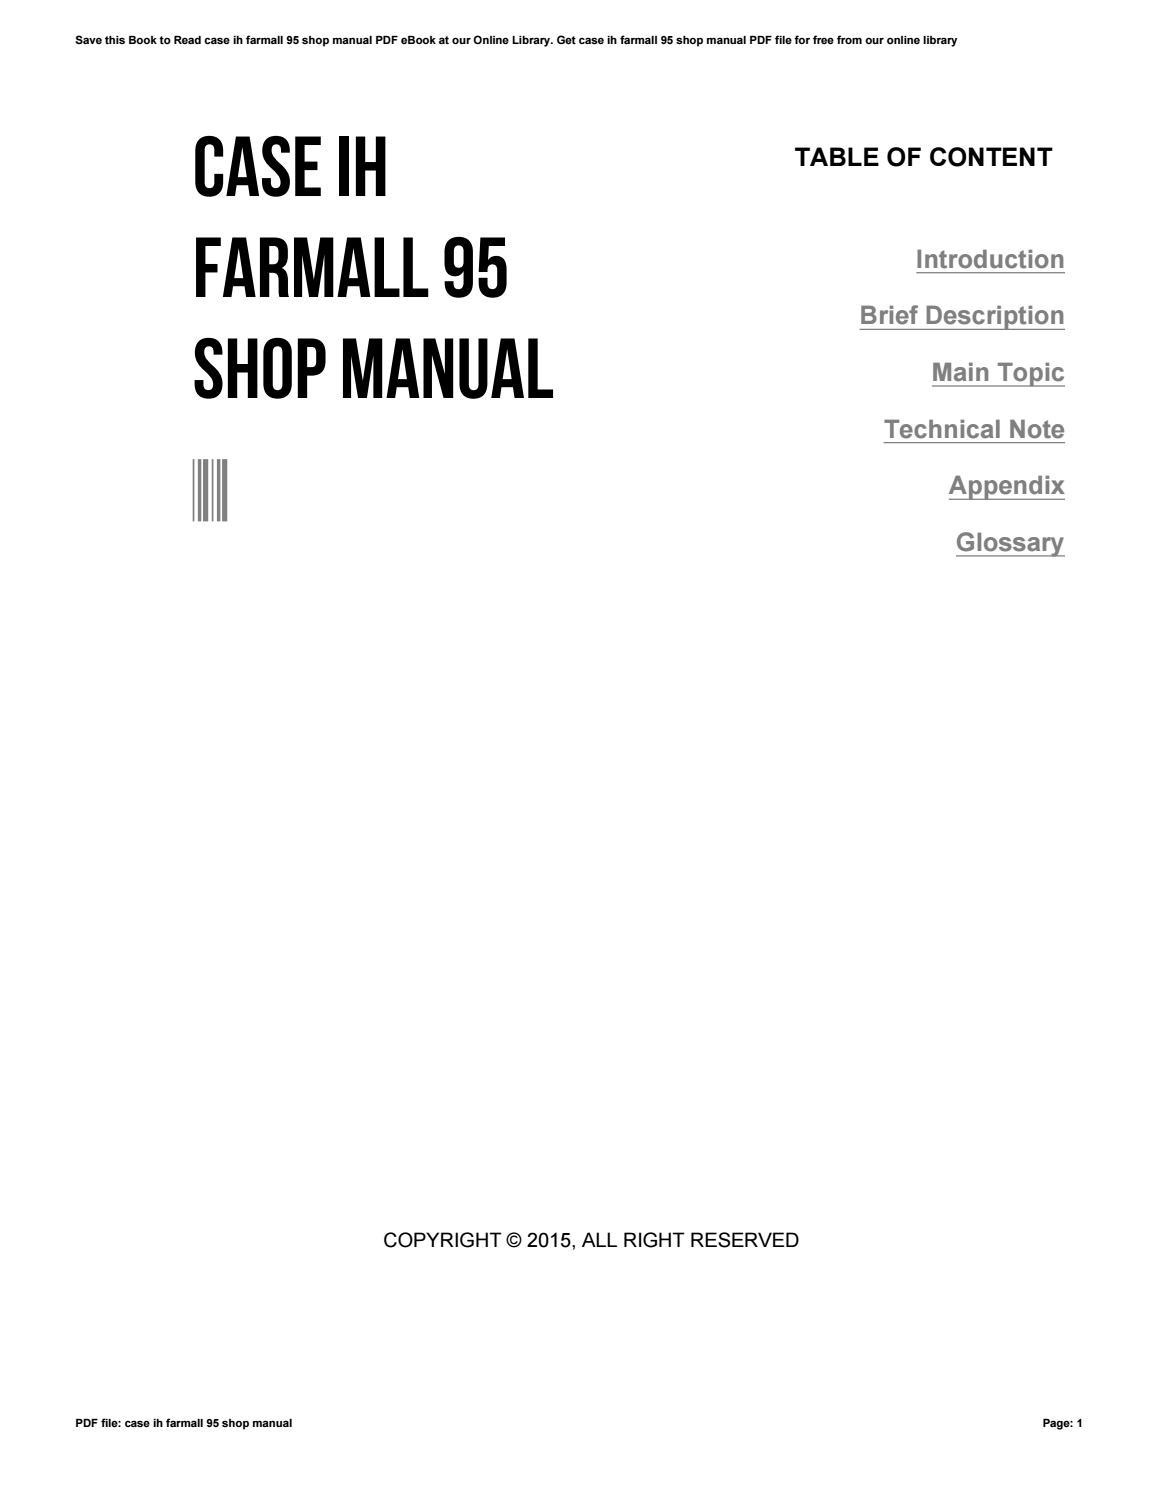 Farmall a manual pdf